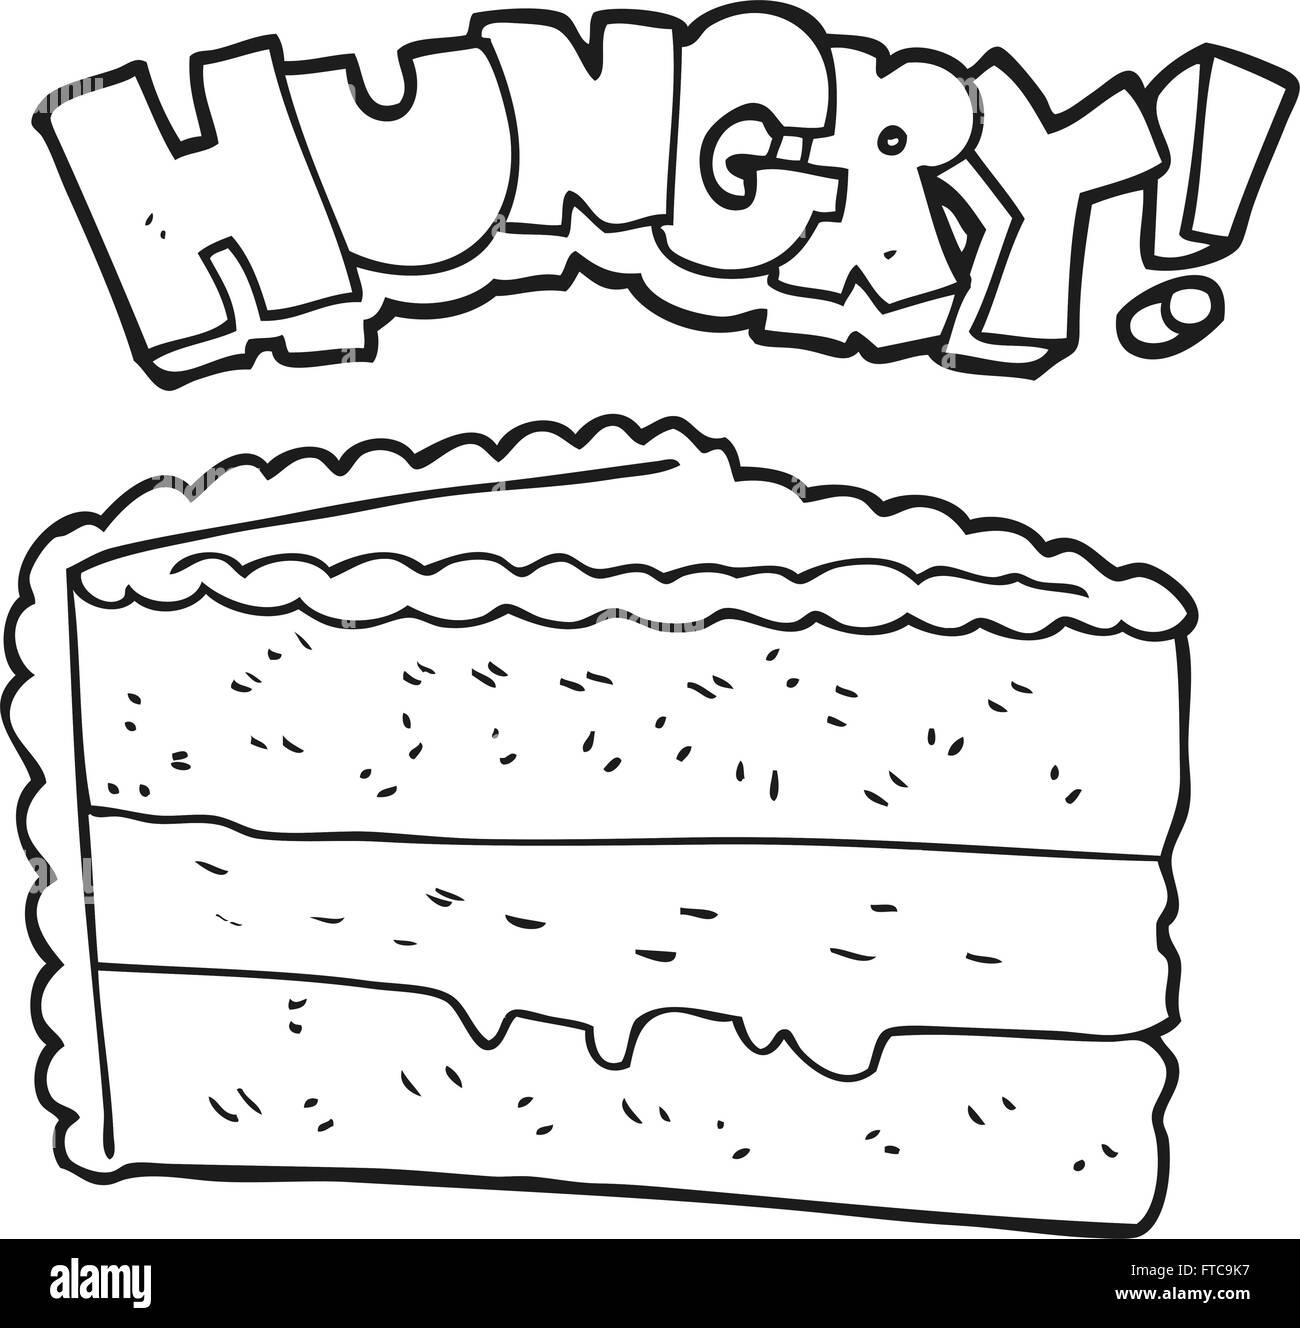 freihändig gezeichnet schwarz / weiß Cartoon-Kuchen Vektor Abbildung ...